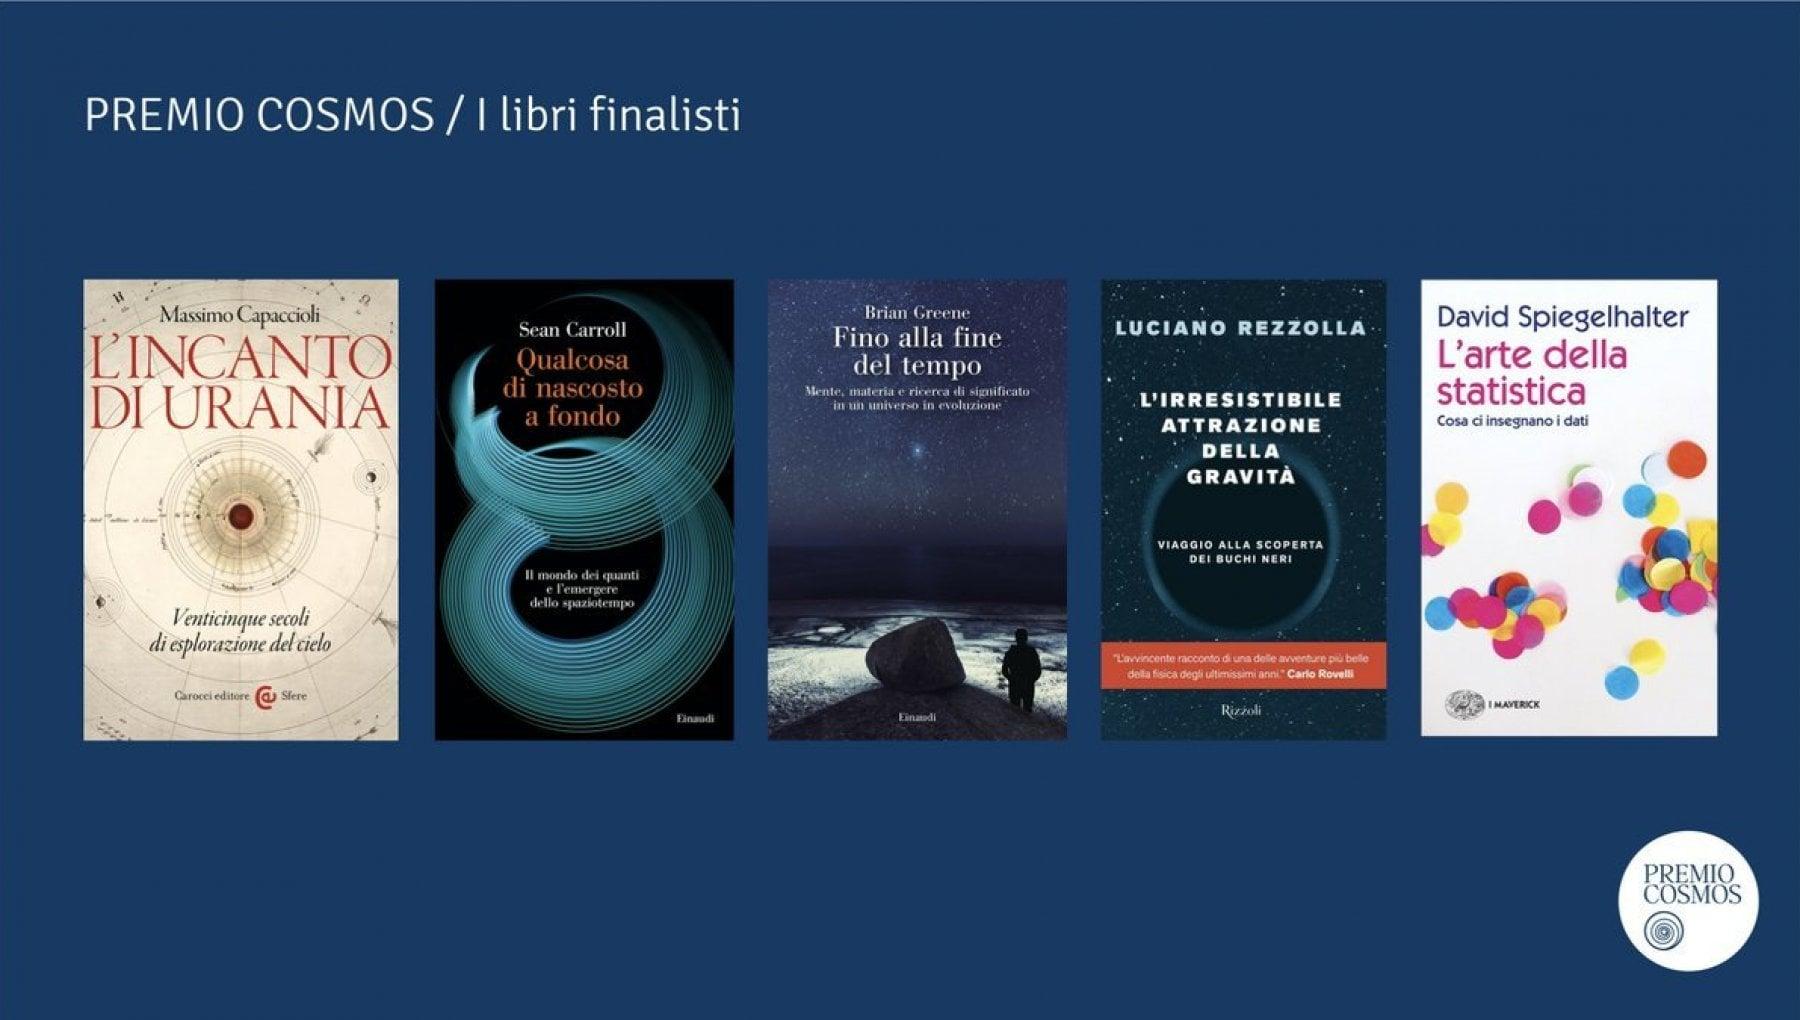 Premio Cosmos, faccia a faccia con la scienza - la Repubblica